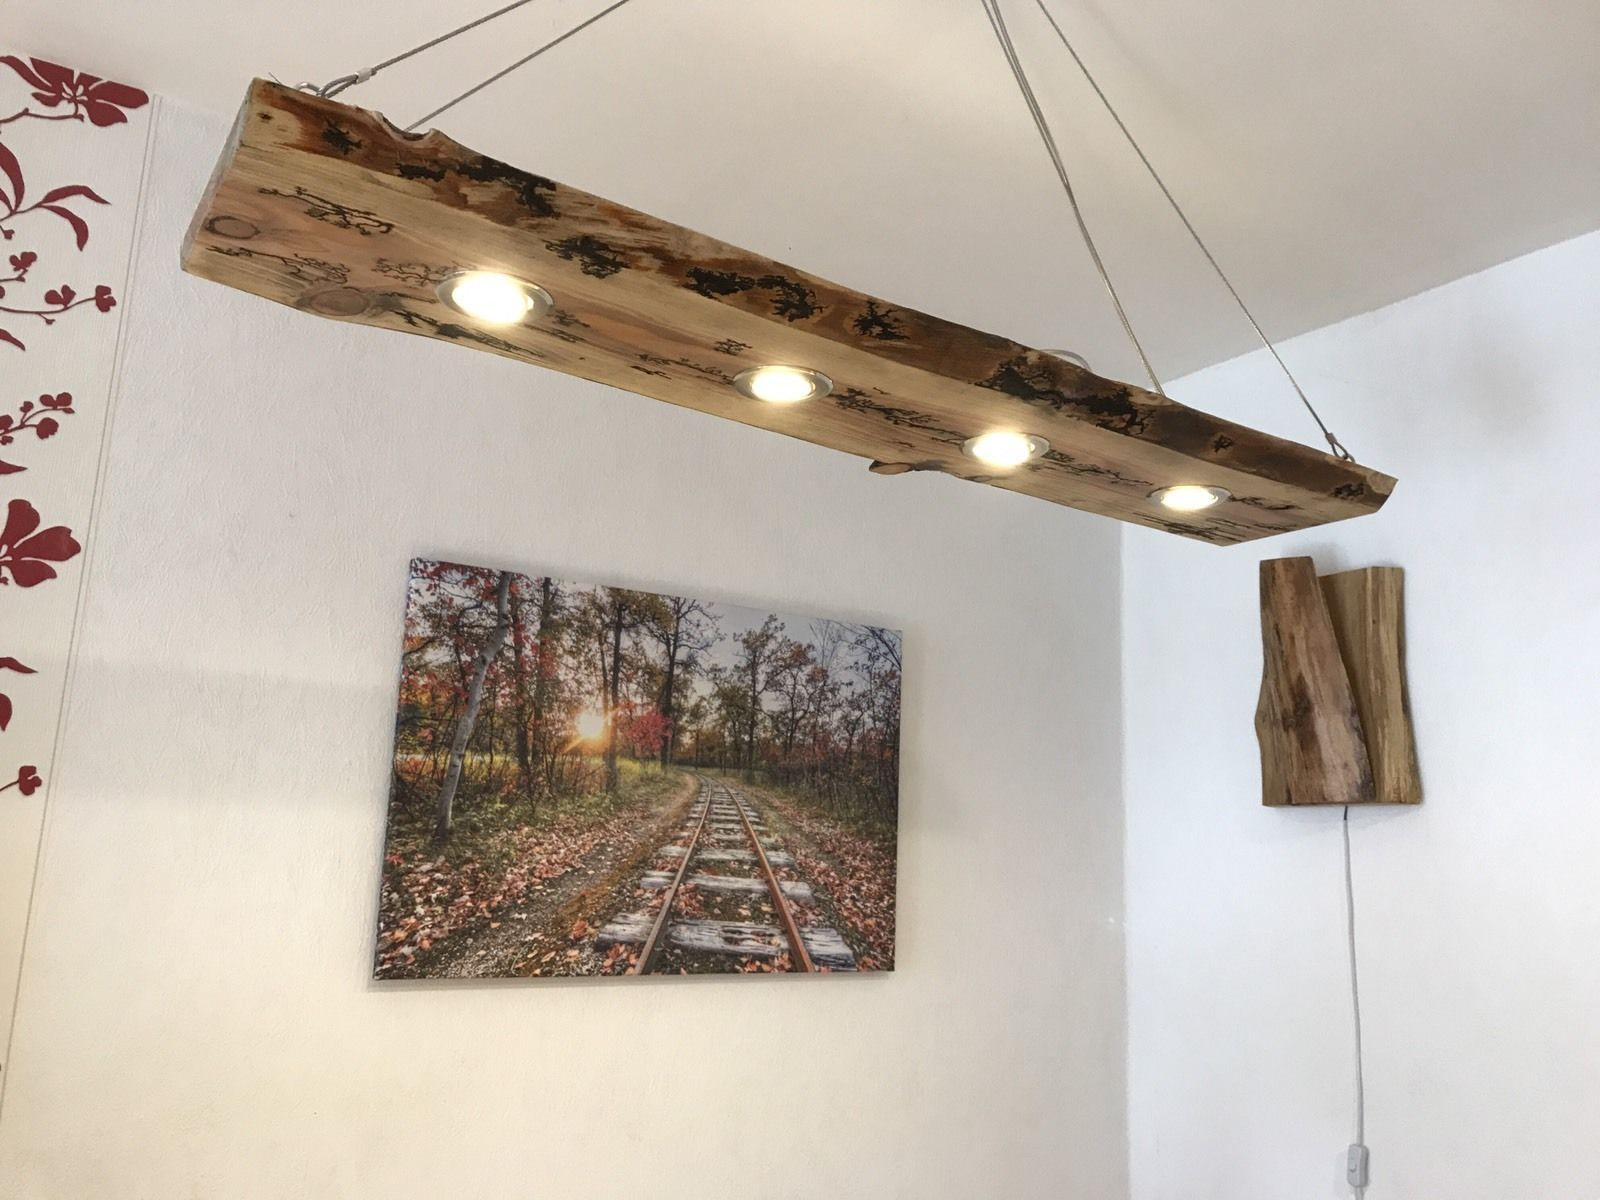 LED Decken Holz Lampe Rustikal 120cm 4x 7W Massivholz Lichtenberg Design |  Möbel U0026 Wohnen,